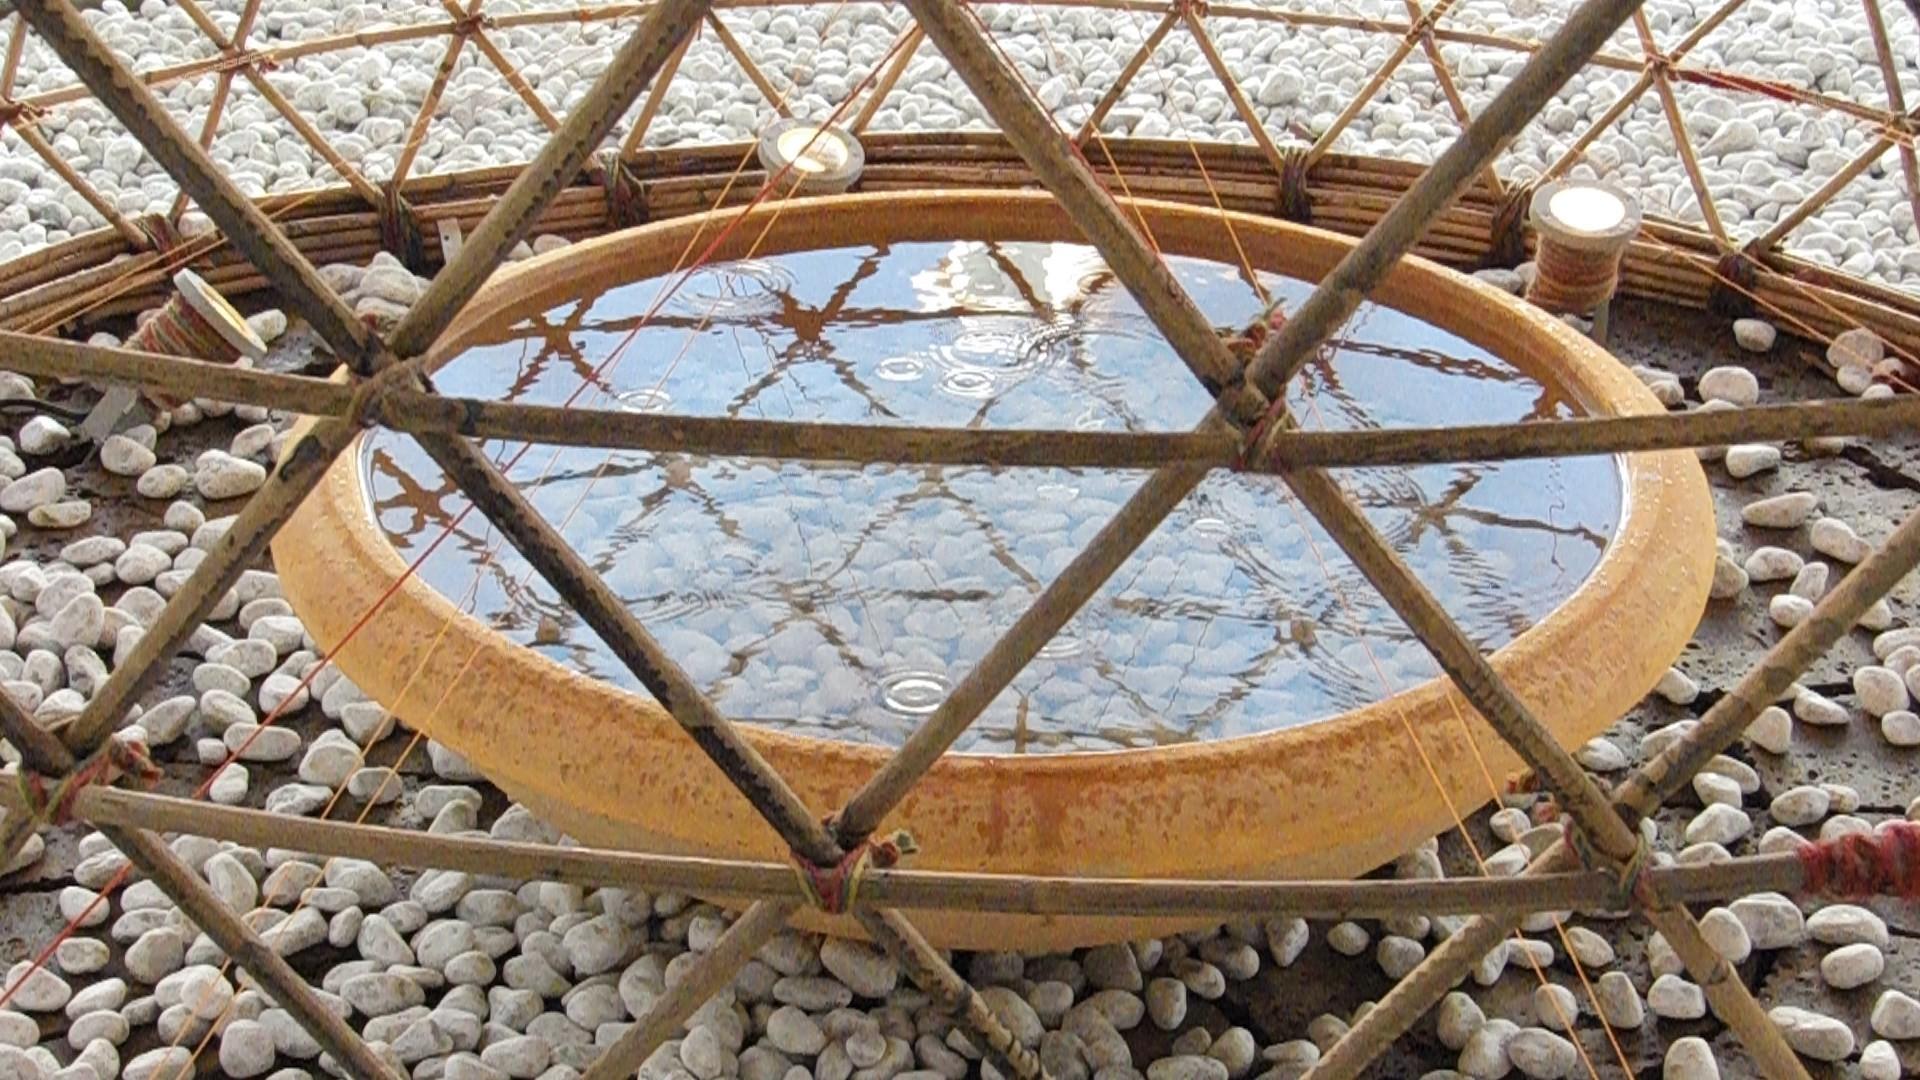 Reservatório para a água condensada. Fonte da imagem: Yogui.co